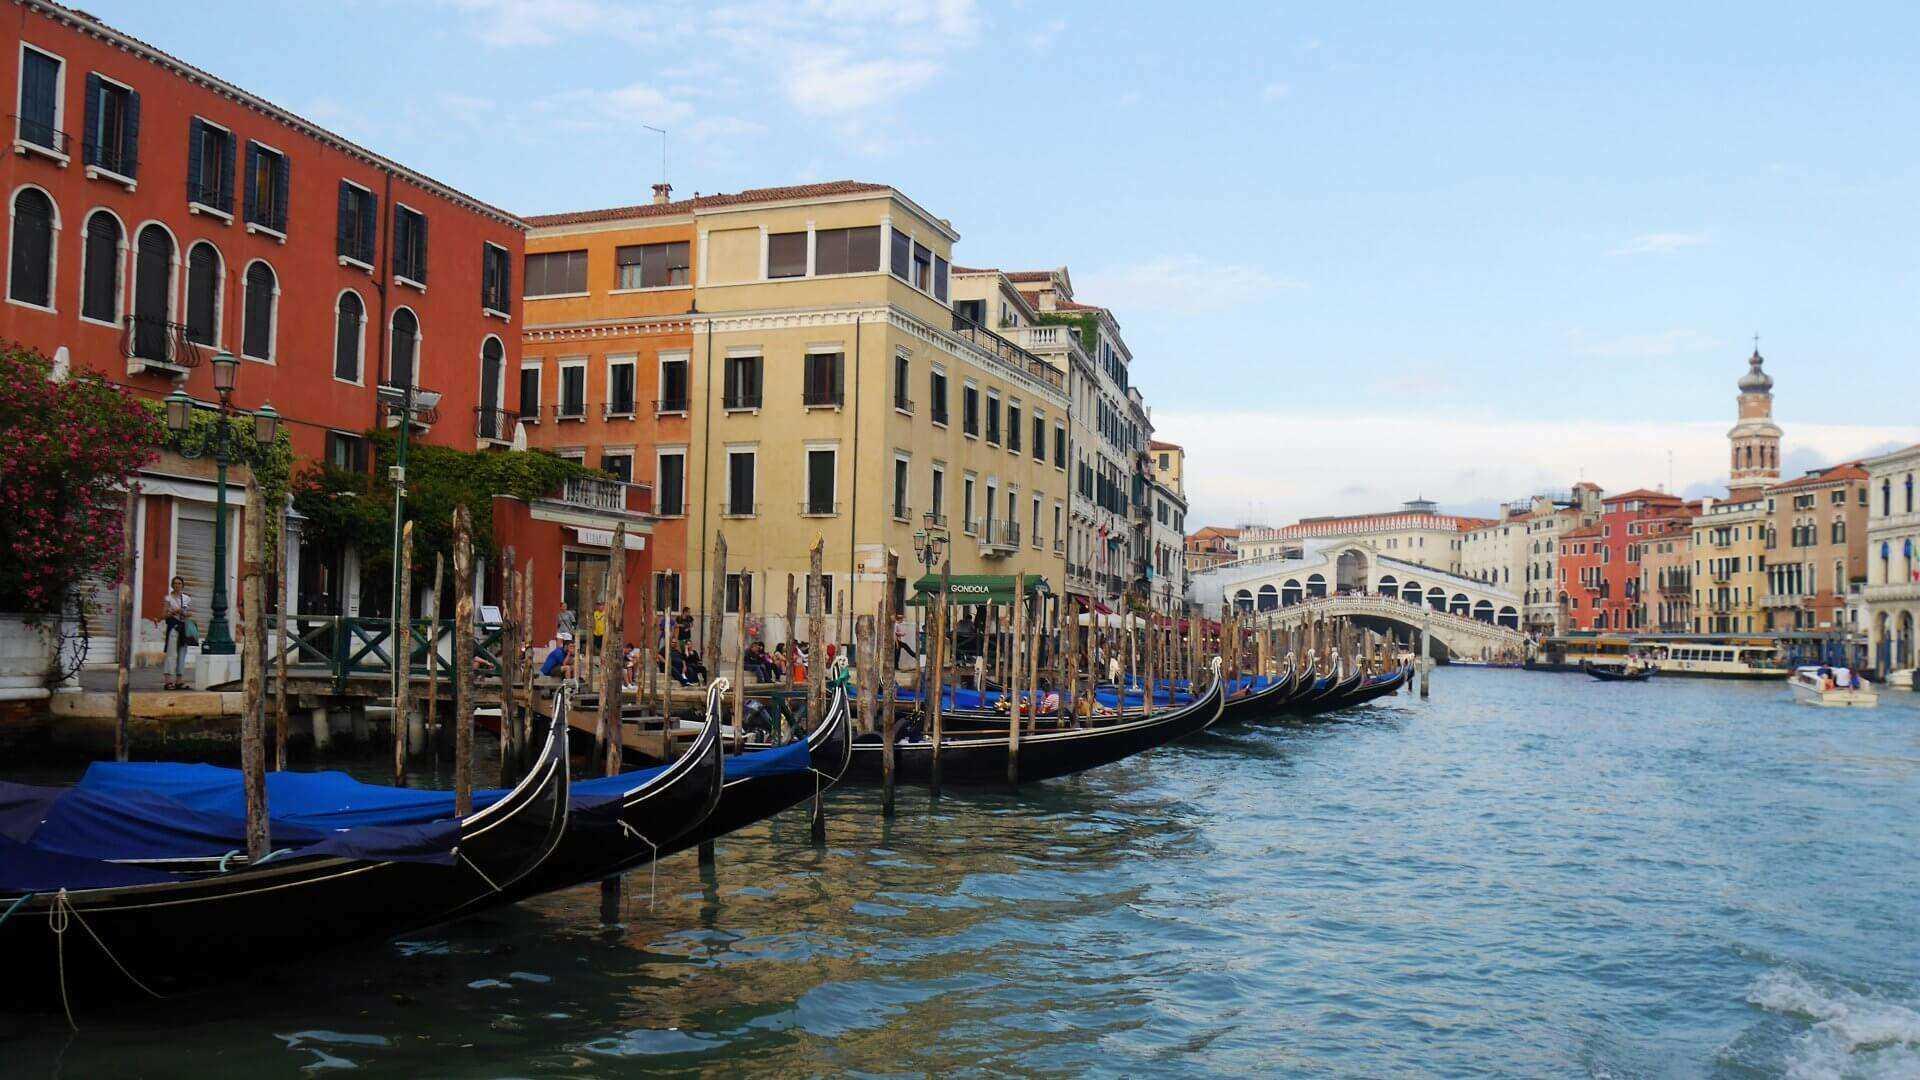 Direktflüge und Billigflüge nach Venedig